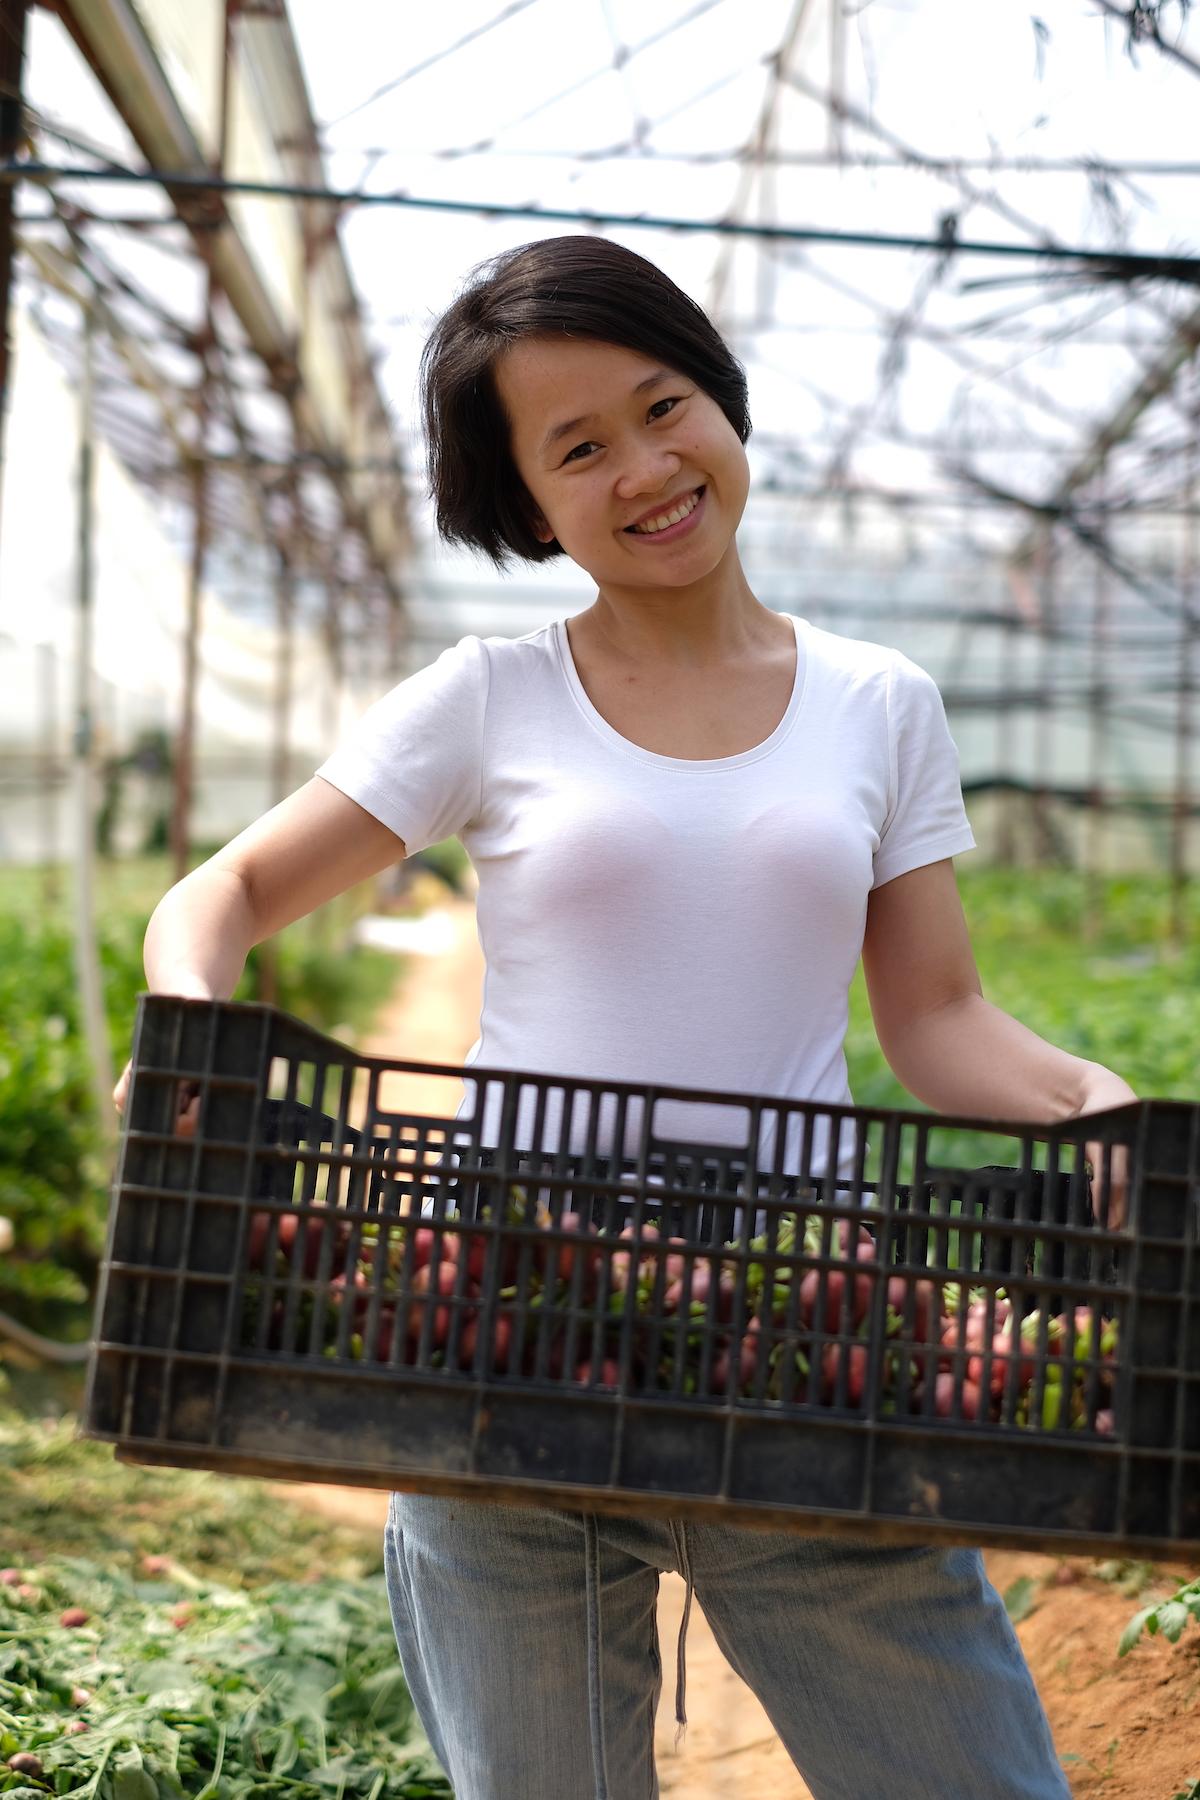 Nữ doanh nhân Trần Thanh Huyền, người sáng lập True Juice - dịch vụ vận chuyển nước ép trái cây độc đáo tại Hà Nội.